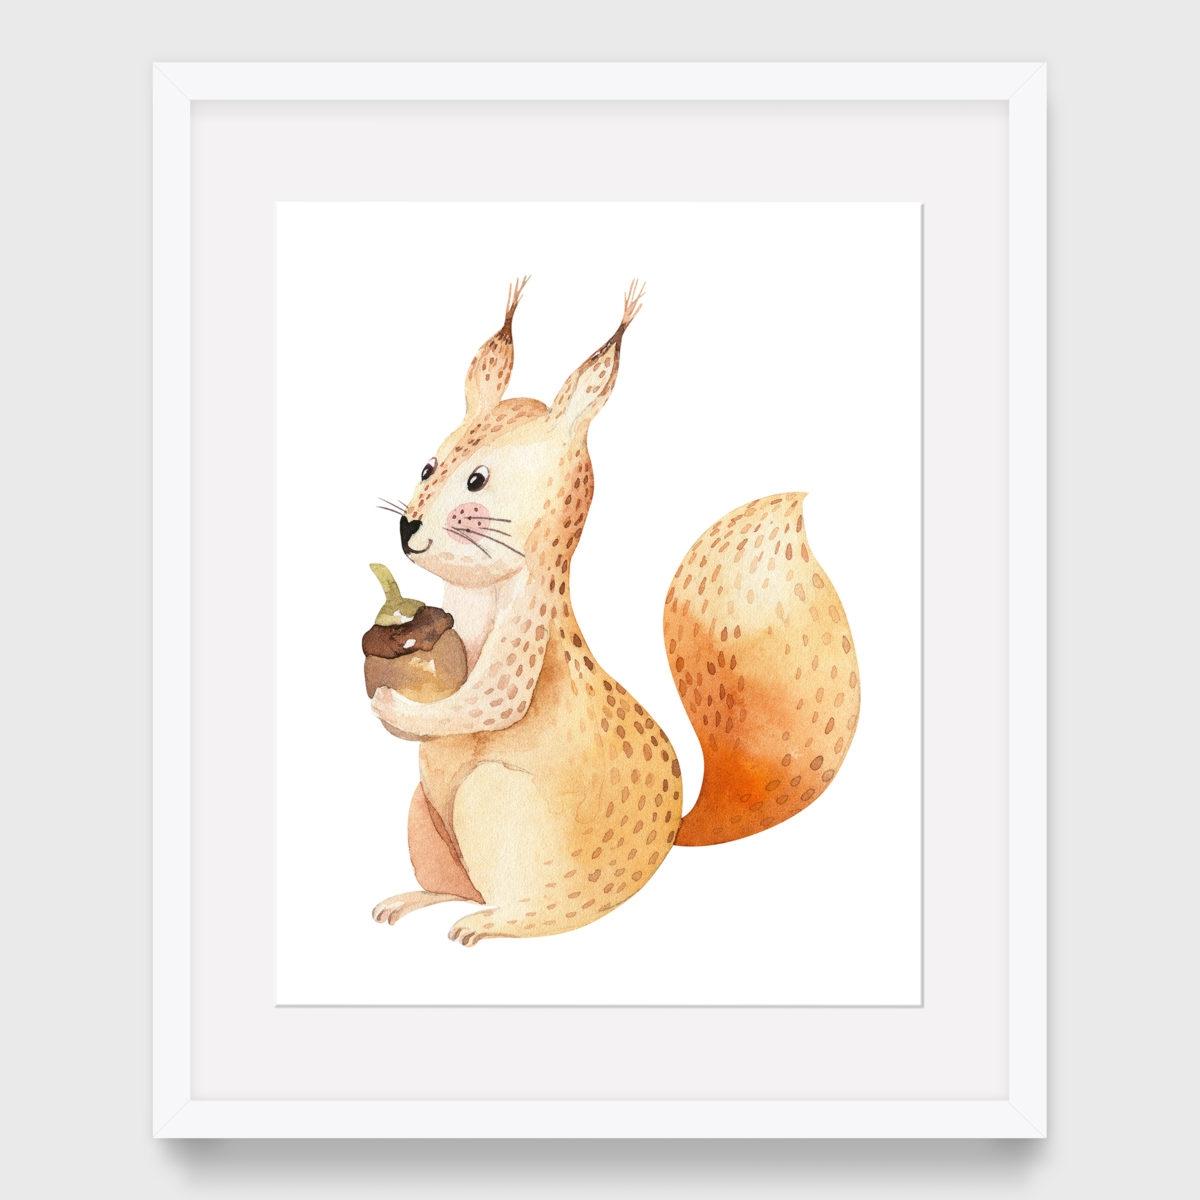 35. Squirrel (2)